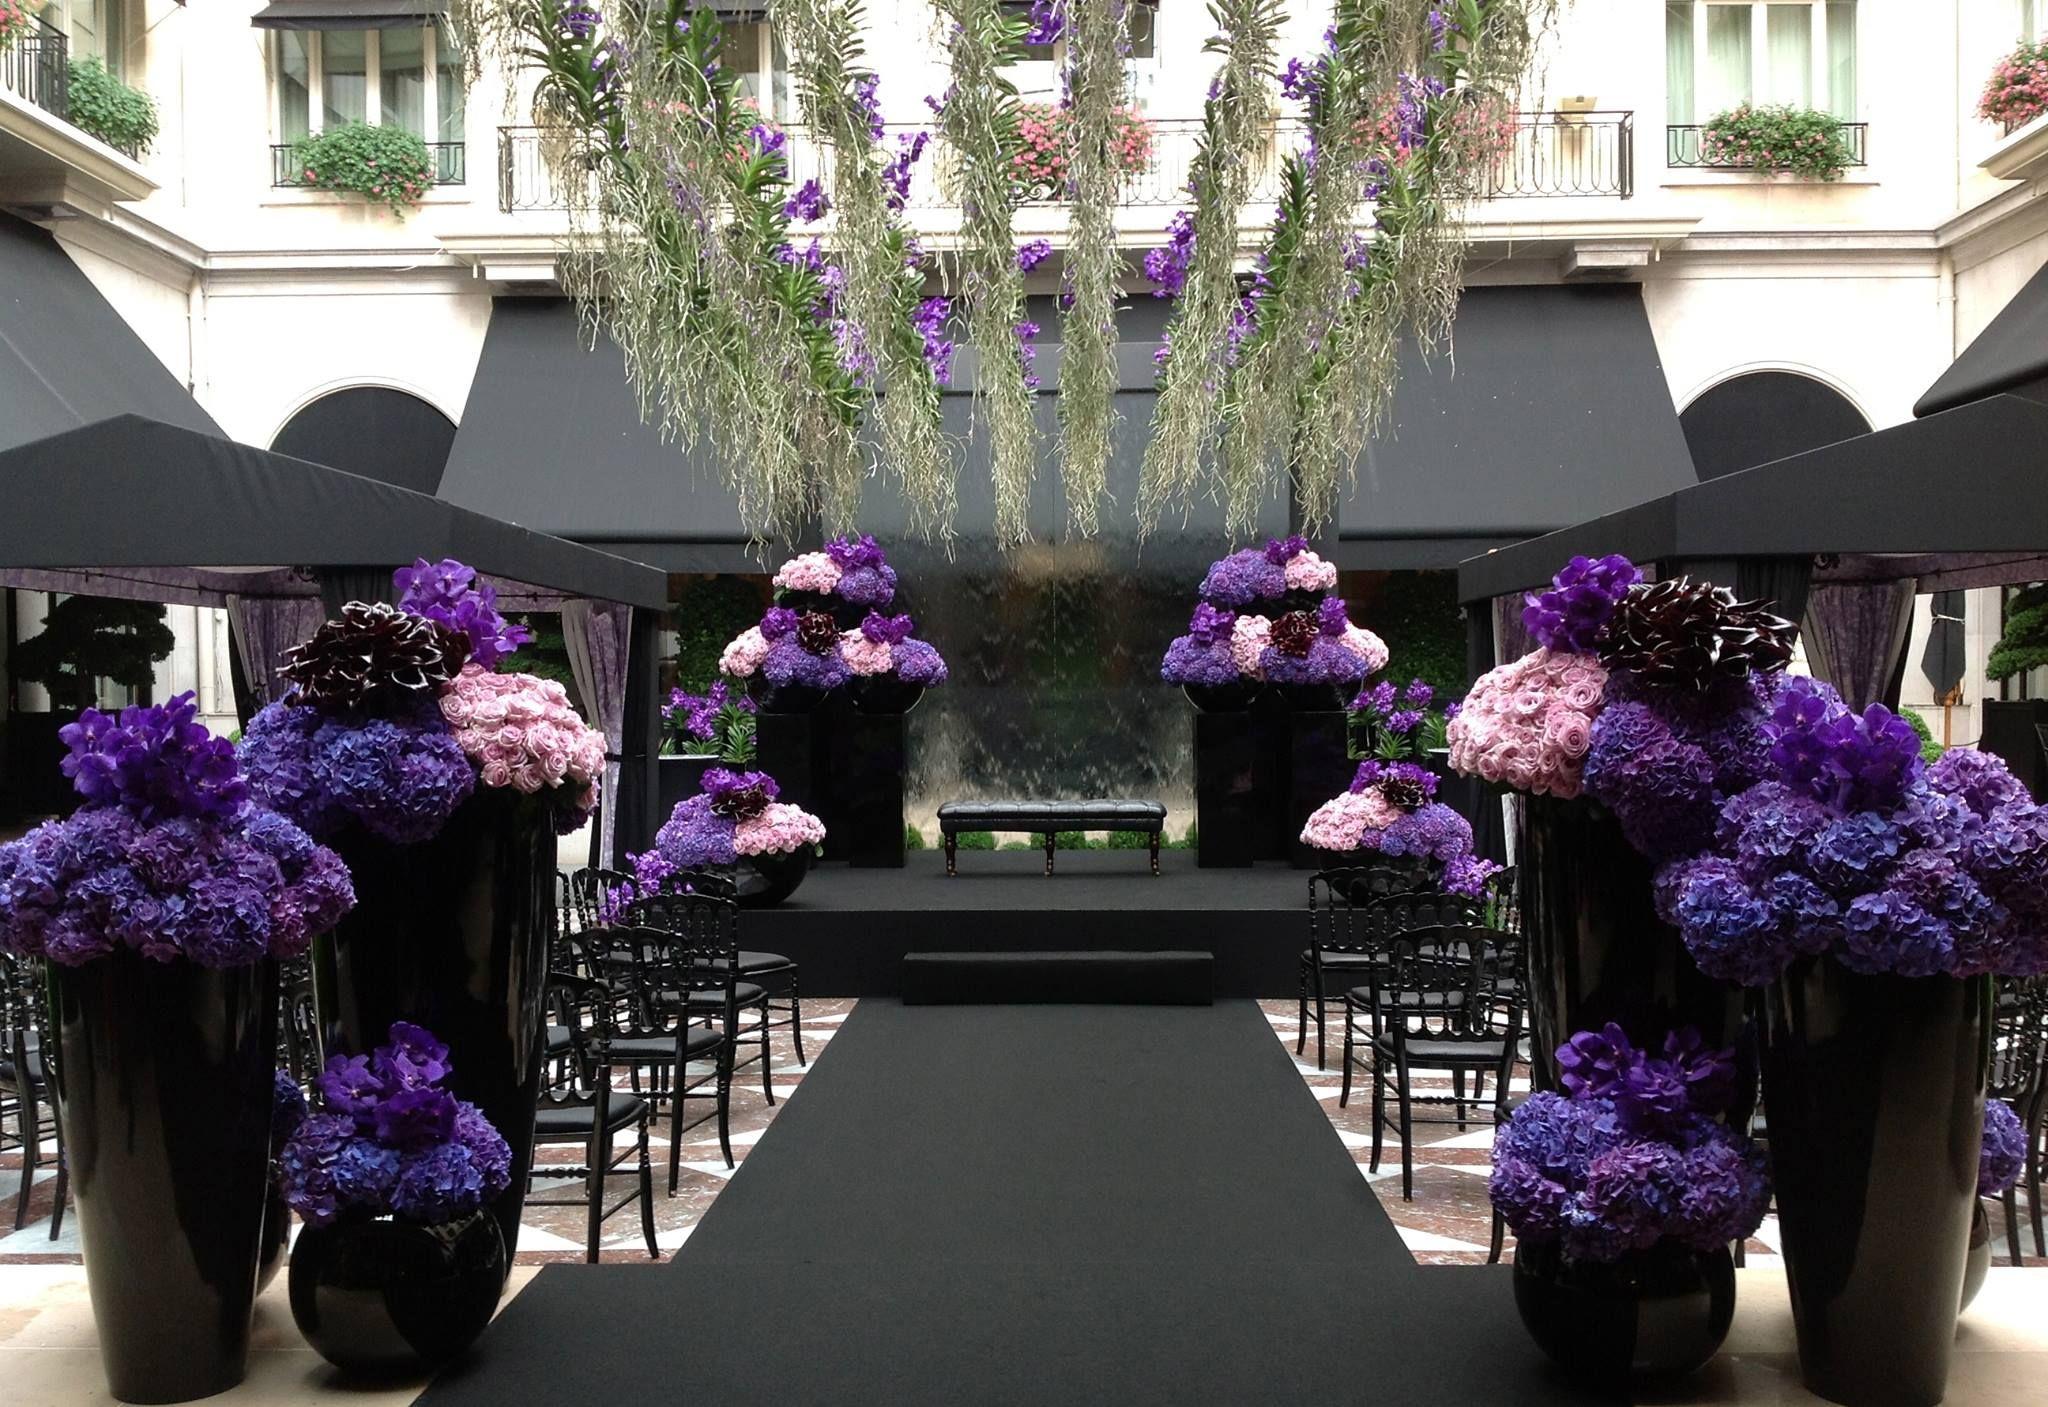 Wedding decoration ideas purple  un mariage au GV cour de marbre sous un rideau duorchidée vanda